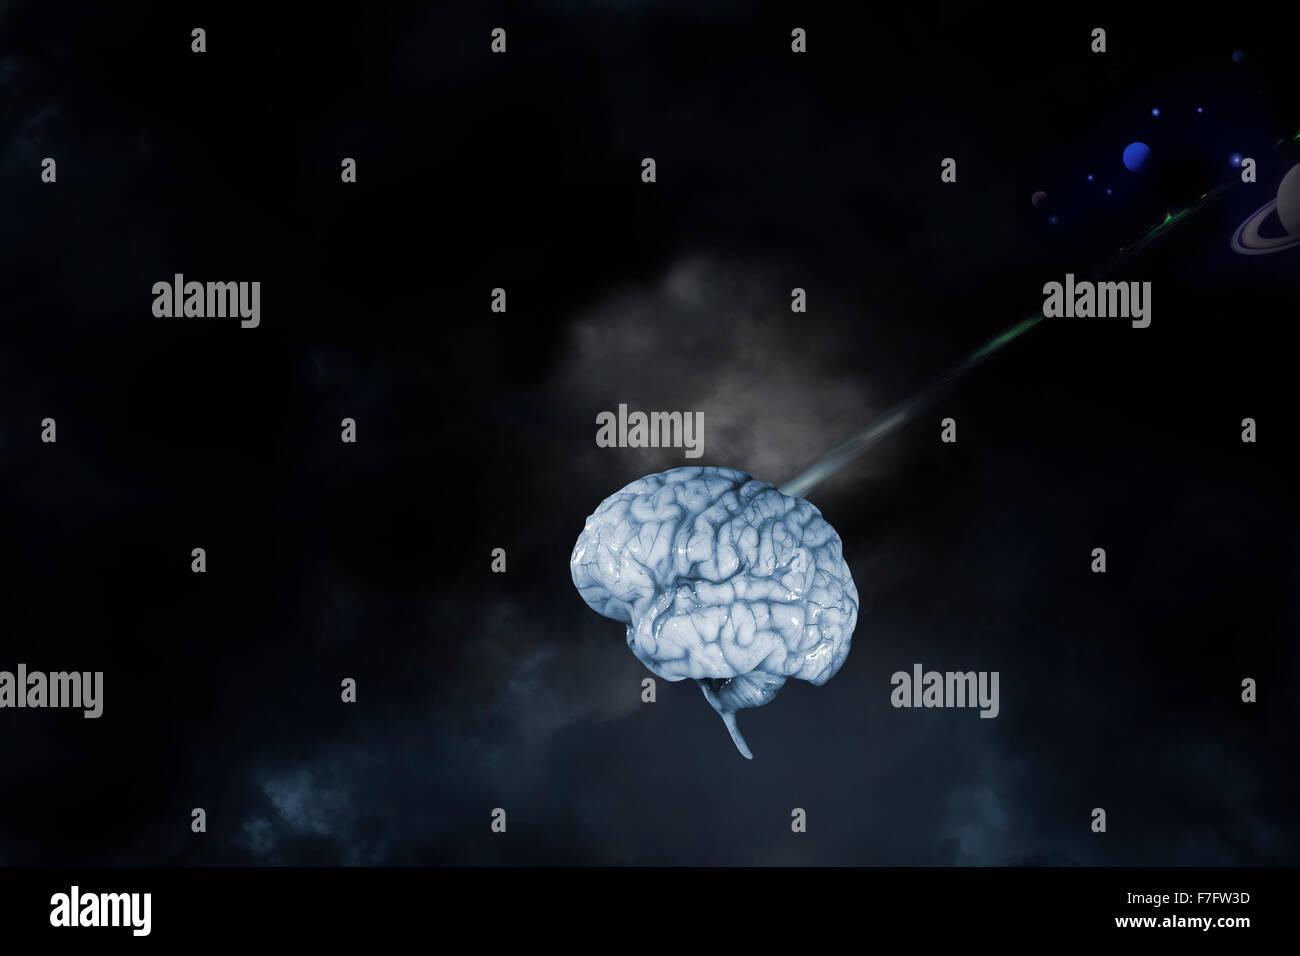 Cerebro Humano en el espacio ultraterrestre, comunicación Imagen De Stock